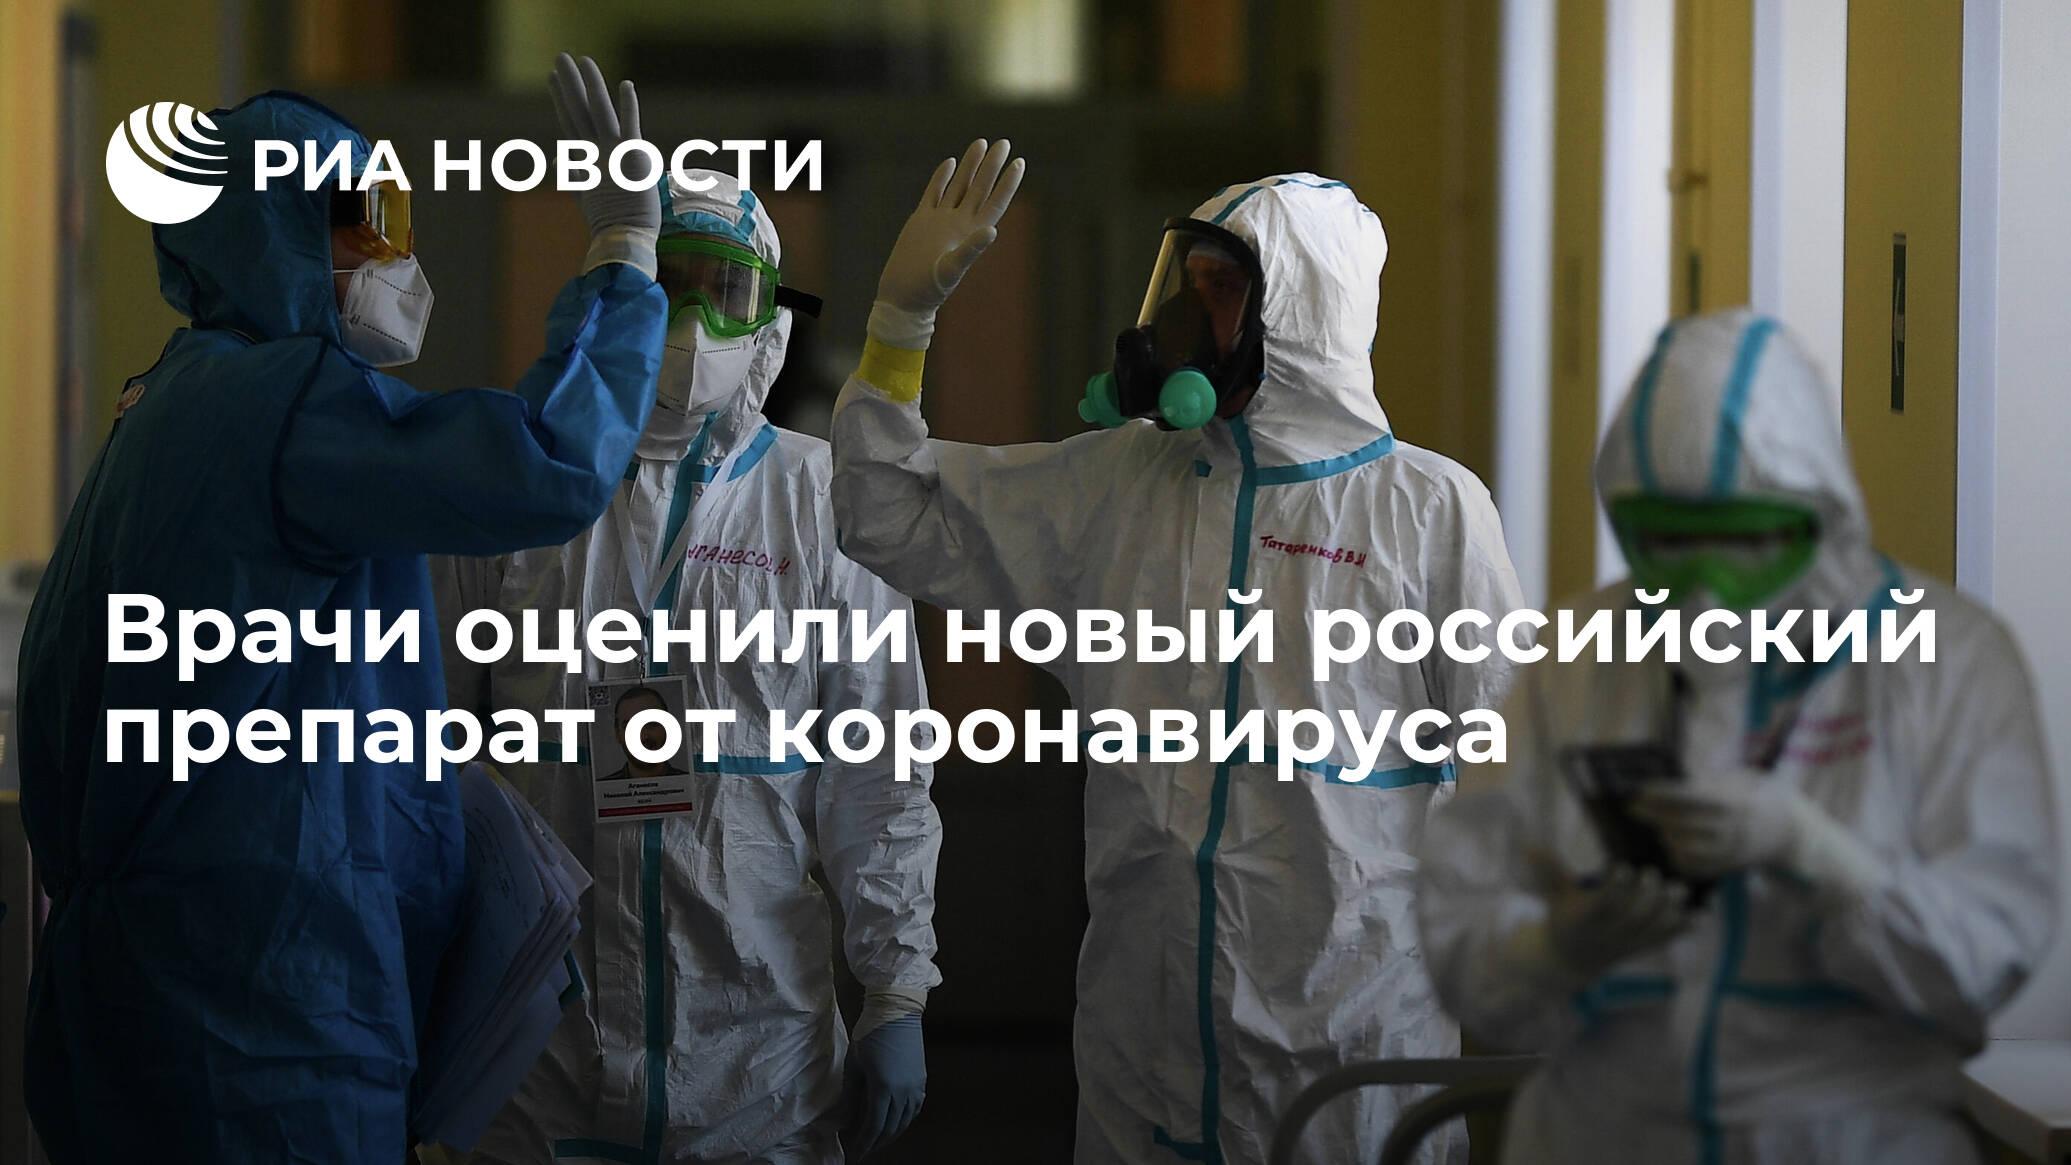 Врачи оценили новый российский препарат от коронавируса